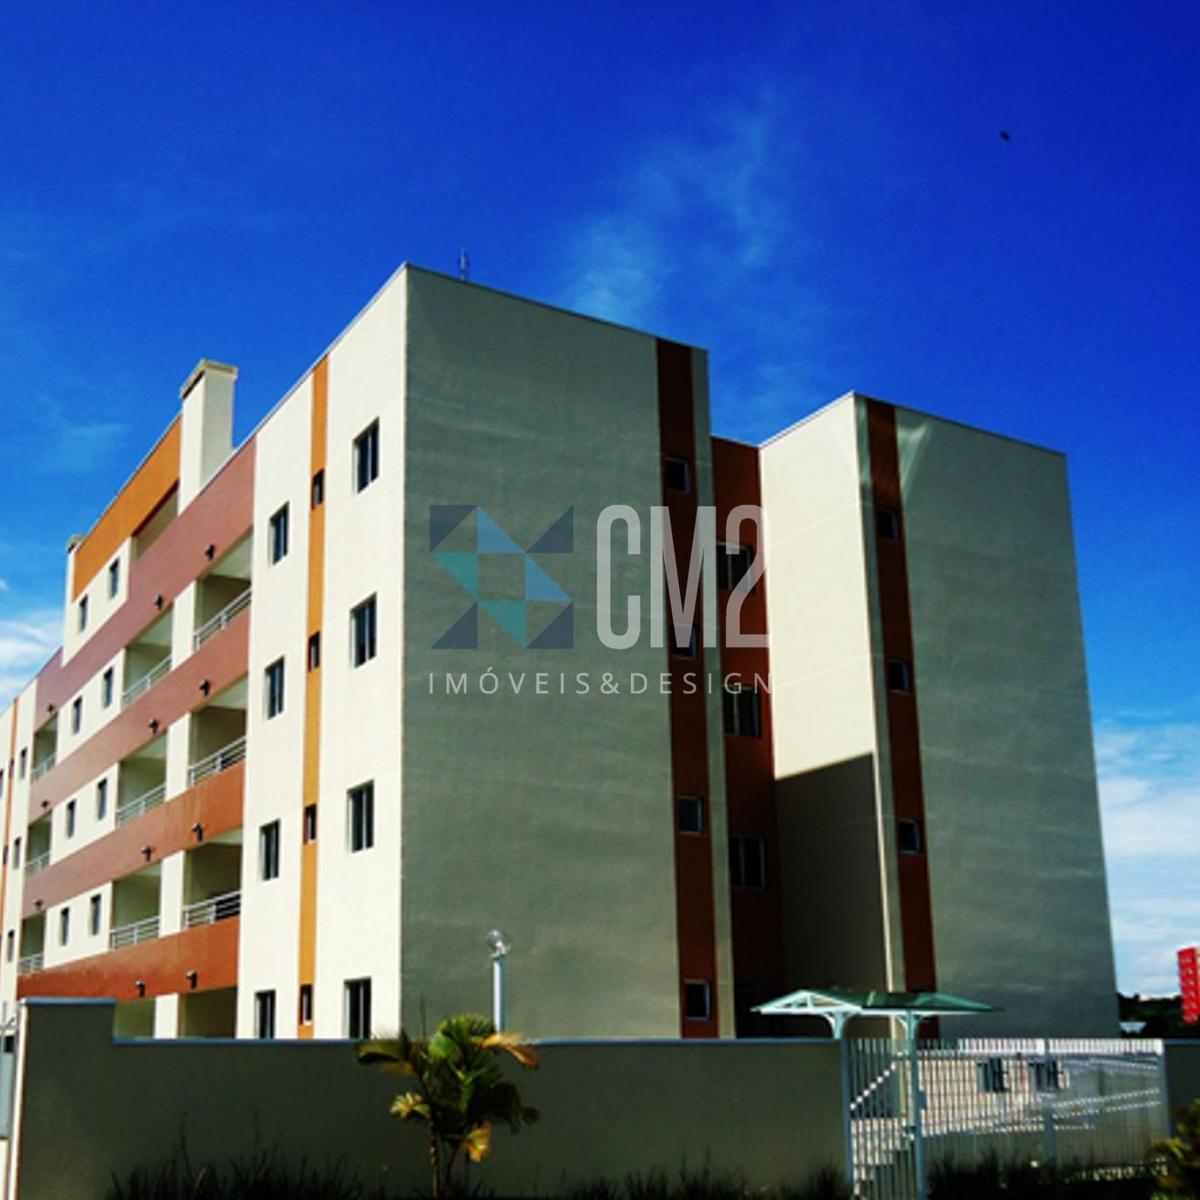 http://www.infocenterhost2.com.br/crm/fotosimovel/228924/06_vicenza_b.jpg